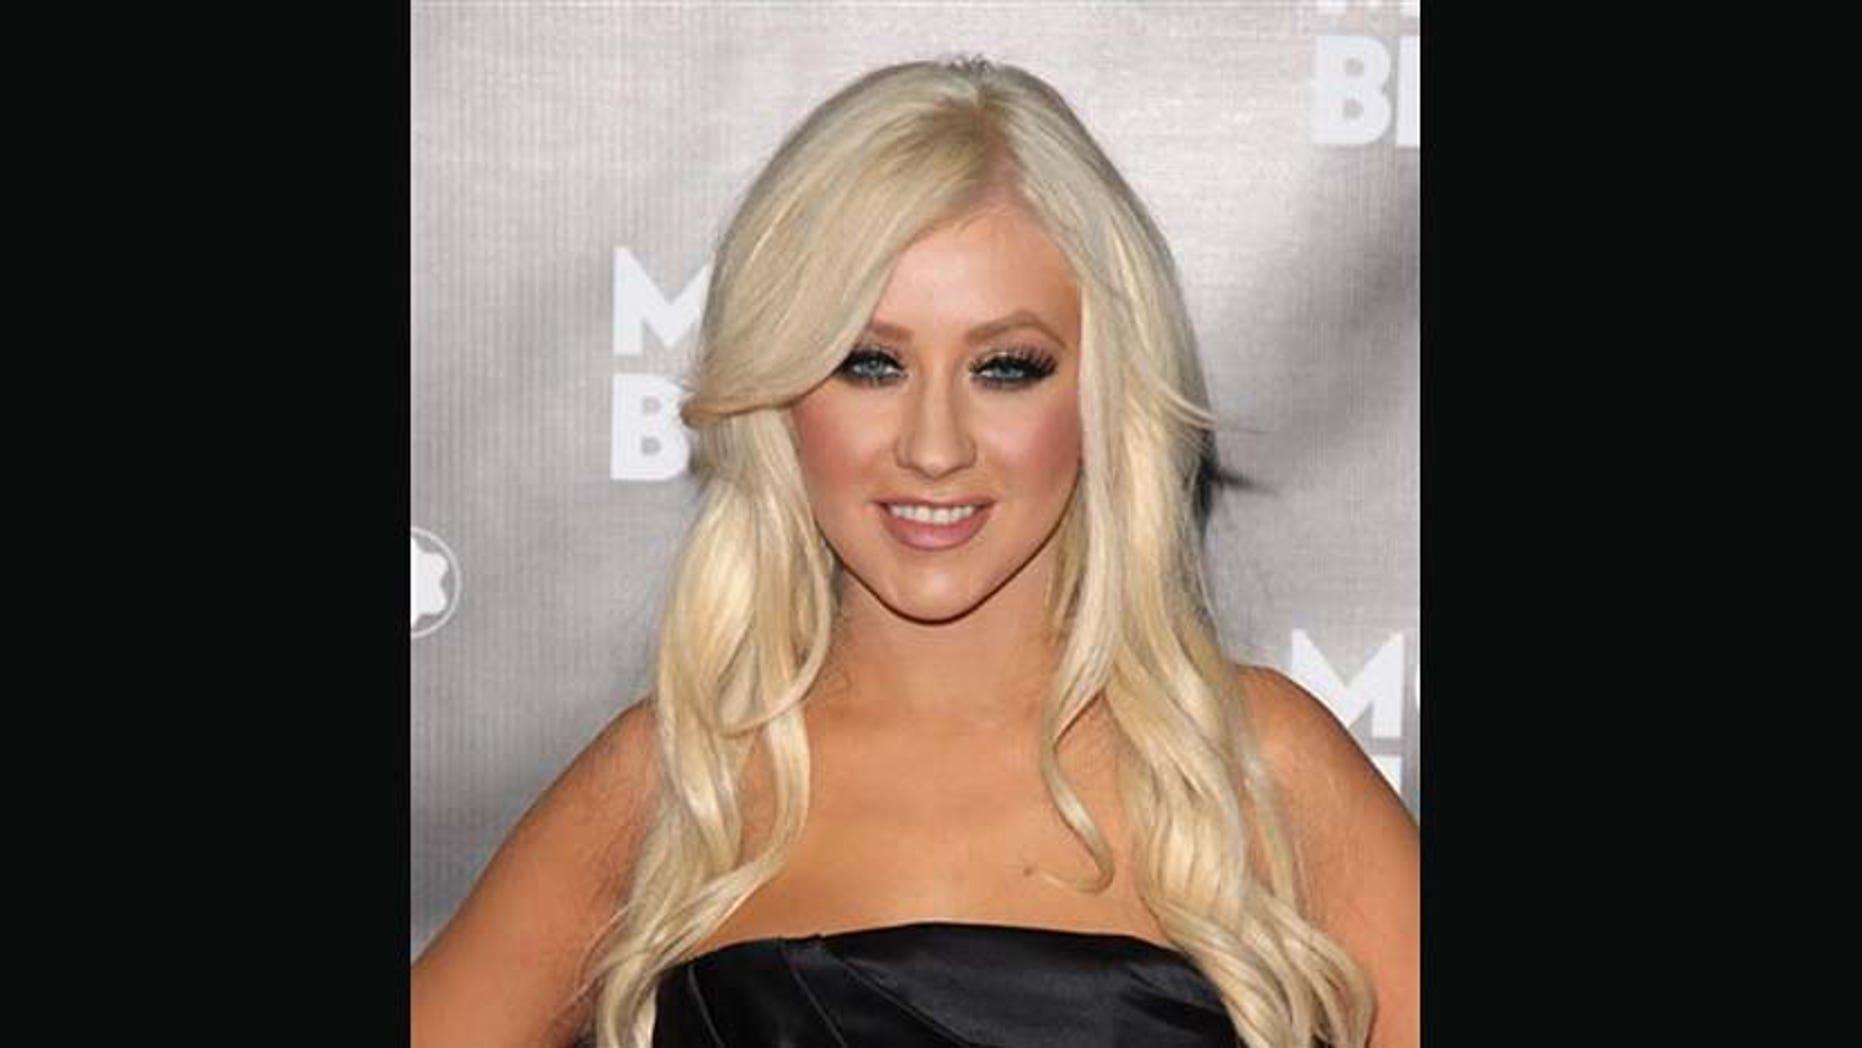 Christina Aguilera asiste al lanzamiento del instrumento de escritura John Lennon de Montblanc, el 12 de septiembre del 2010 en Nueva York. La cantante develará una estrella en el Paseo de la Fama de Hollywood el lunes 15 de noviembre del 2010. (AP Foto/Peter Kramer, Archivo)